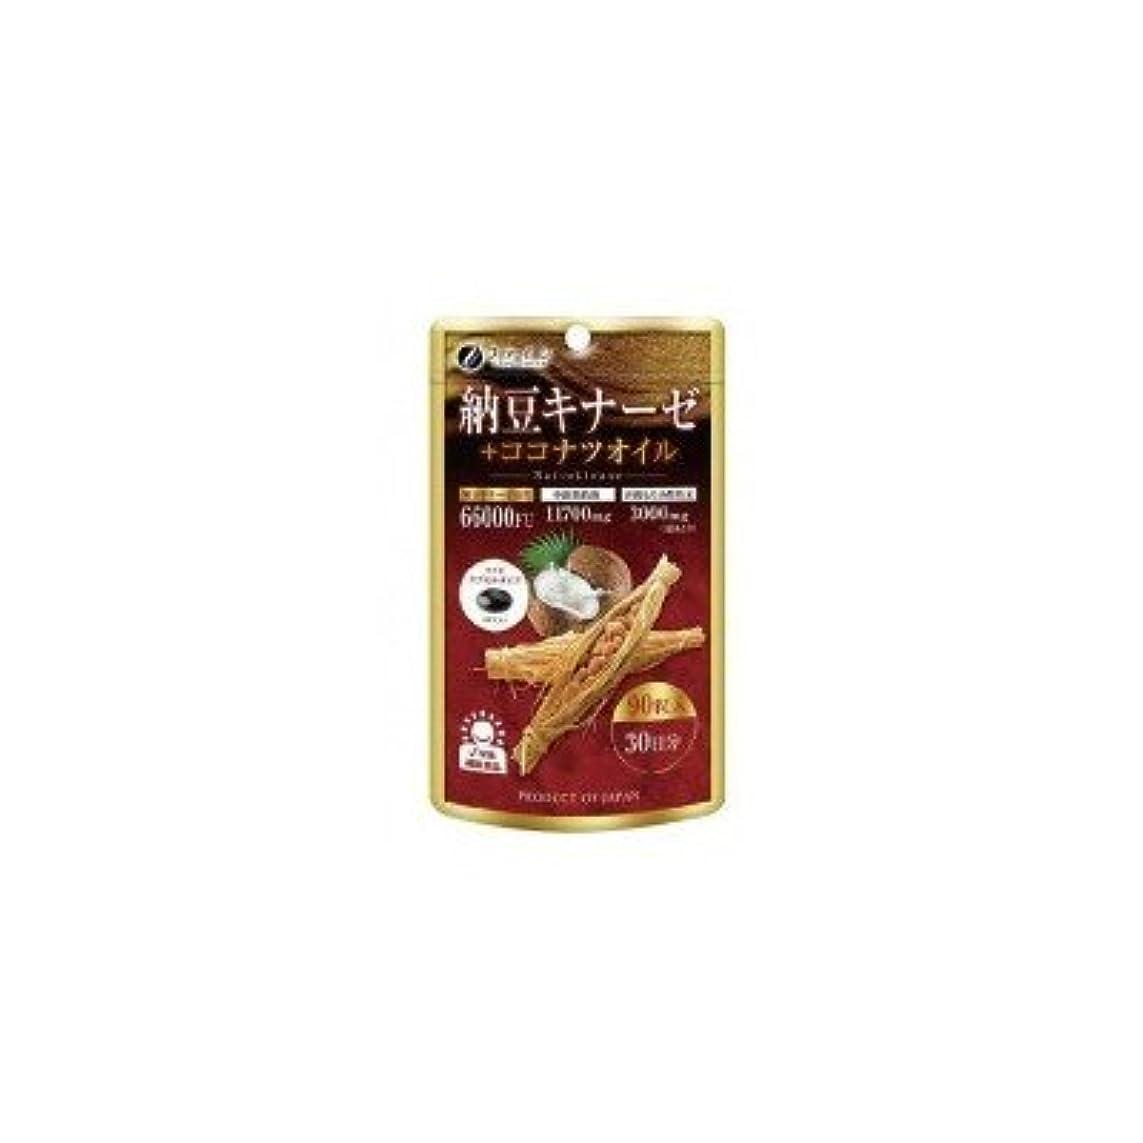 ナイトスポット節約するファイン 納豆キナーゼ+ココナツオイル 40.5g(450mg×90粒)